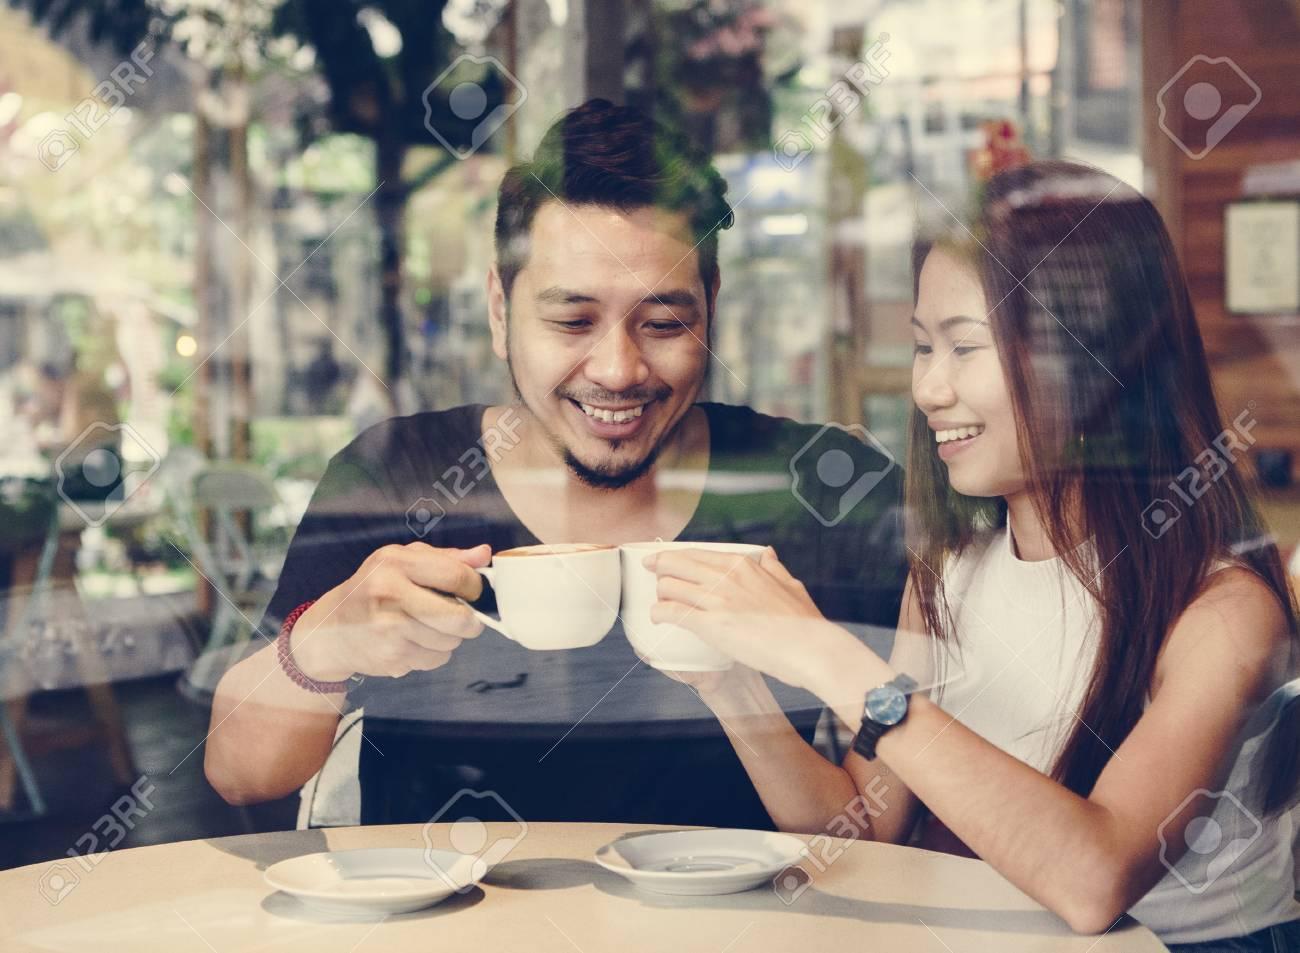 mi a törvényes életkor-különbség a randevúban a tennessee-ben